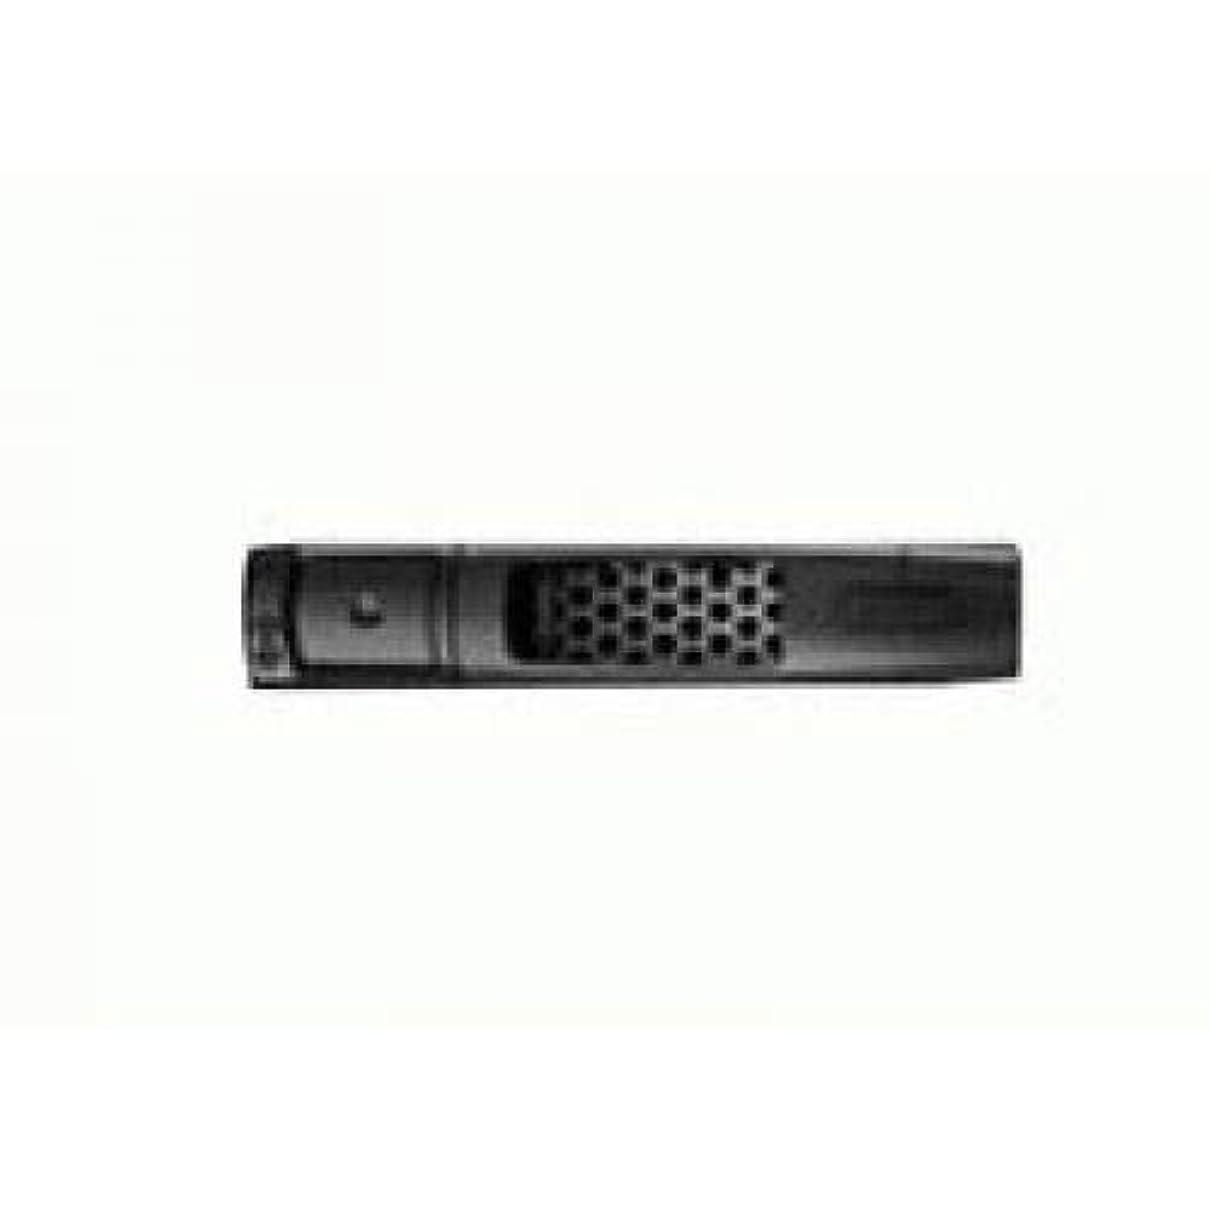 中庭割り当て大型トラックLenovo(旧IBM) 4XB7A14105 TS DEシリーズ 800GB 3DWD 2.5型 SSD 2U24